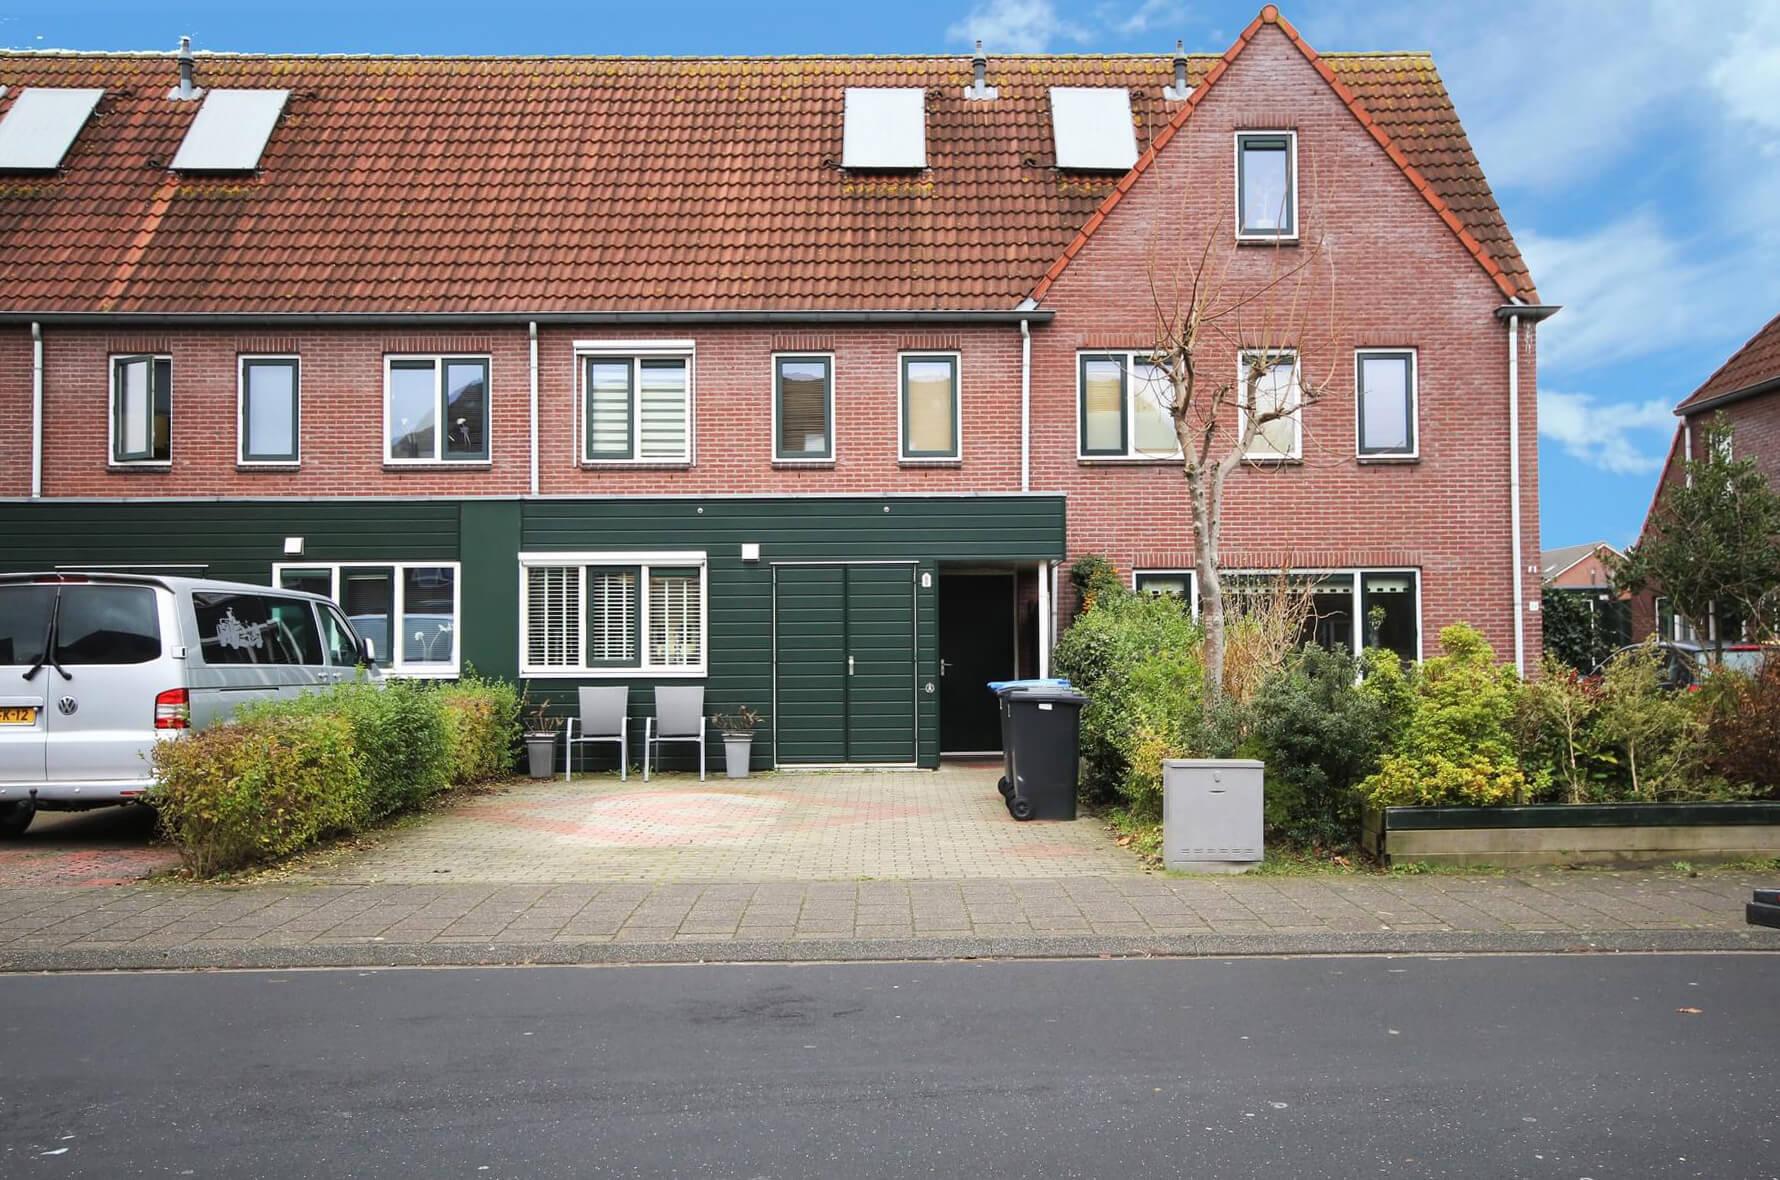 Eckhartstraat 22 Groningen